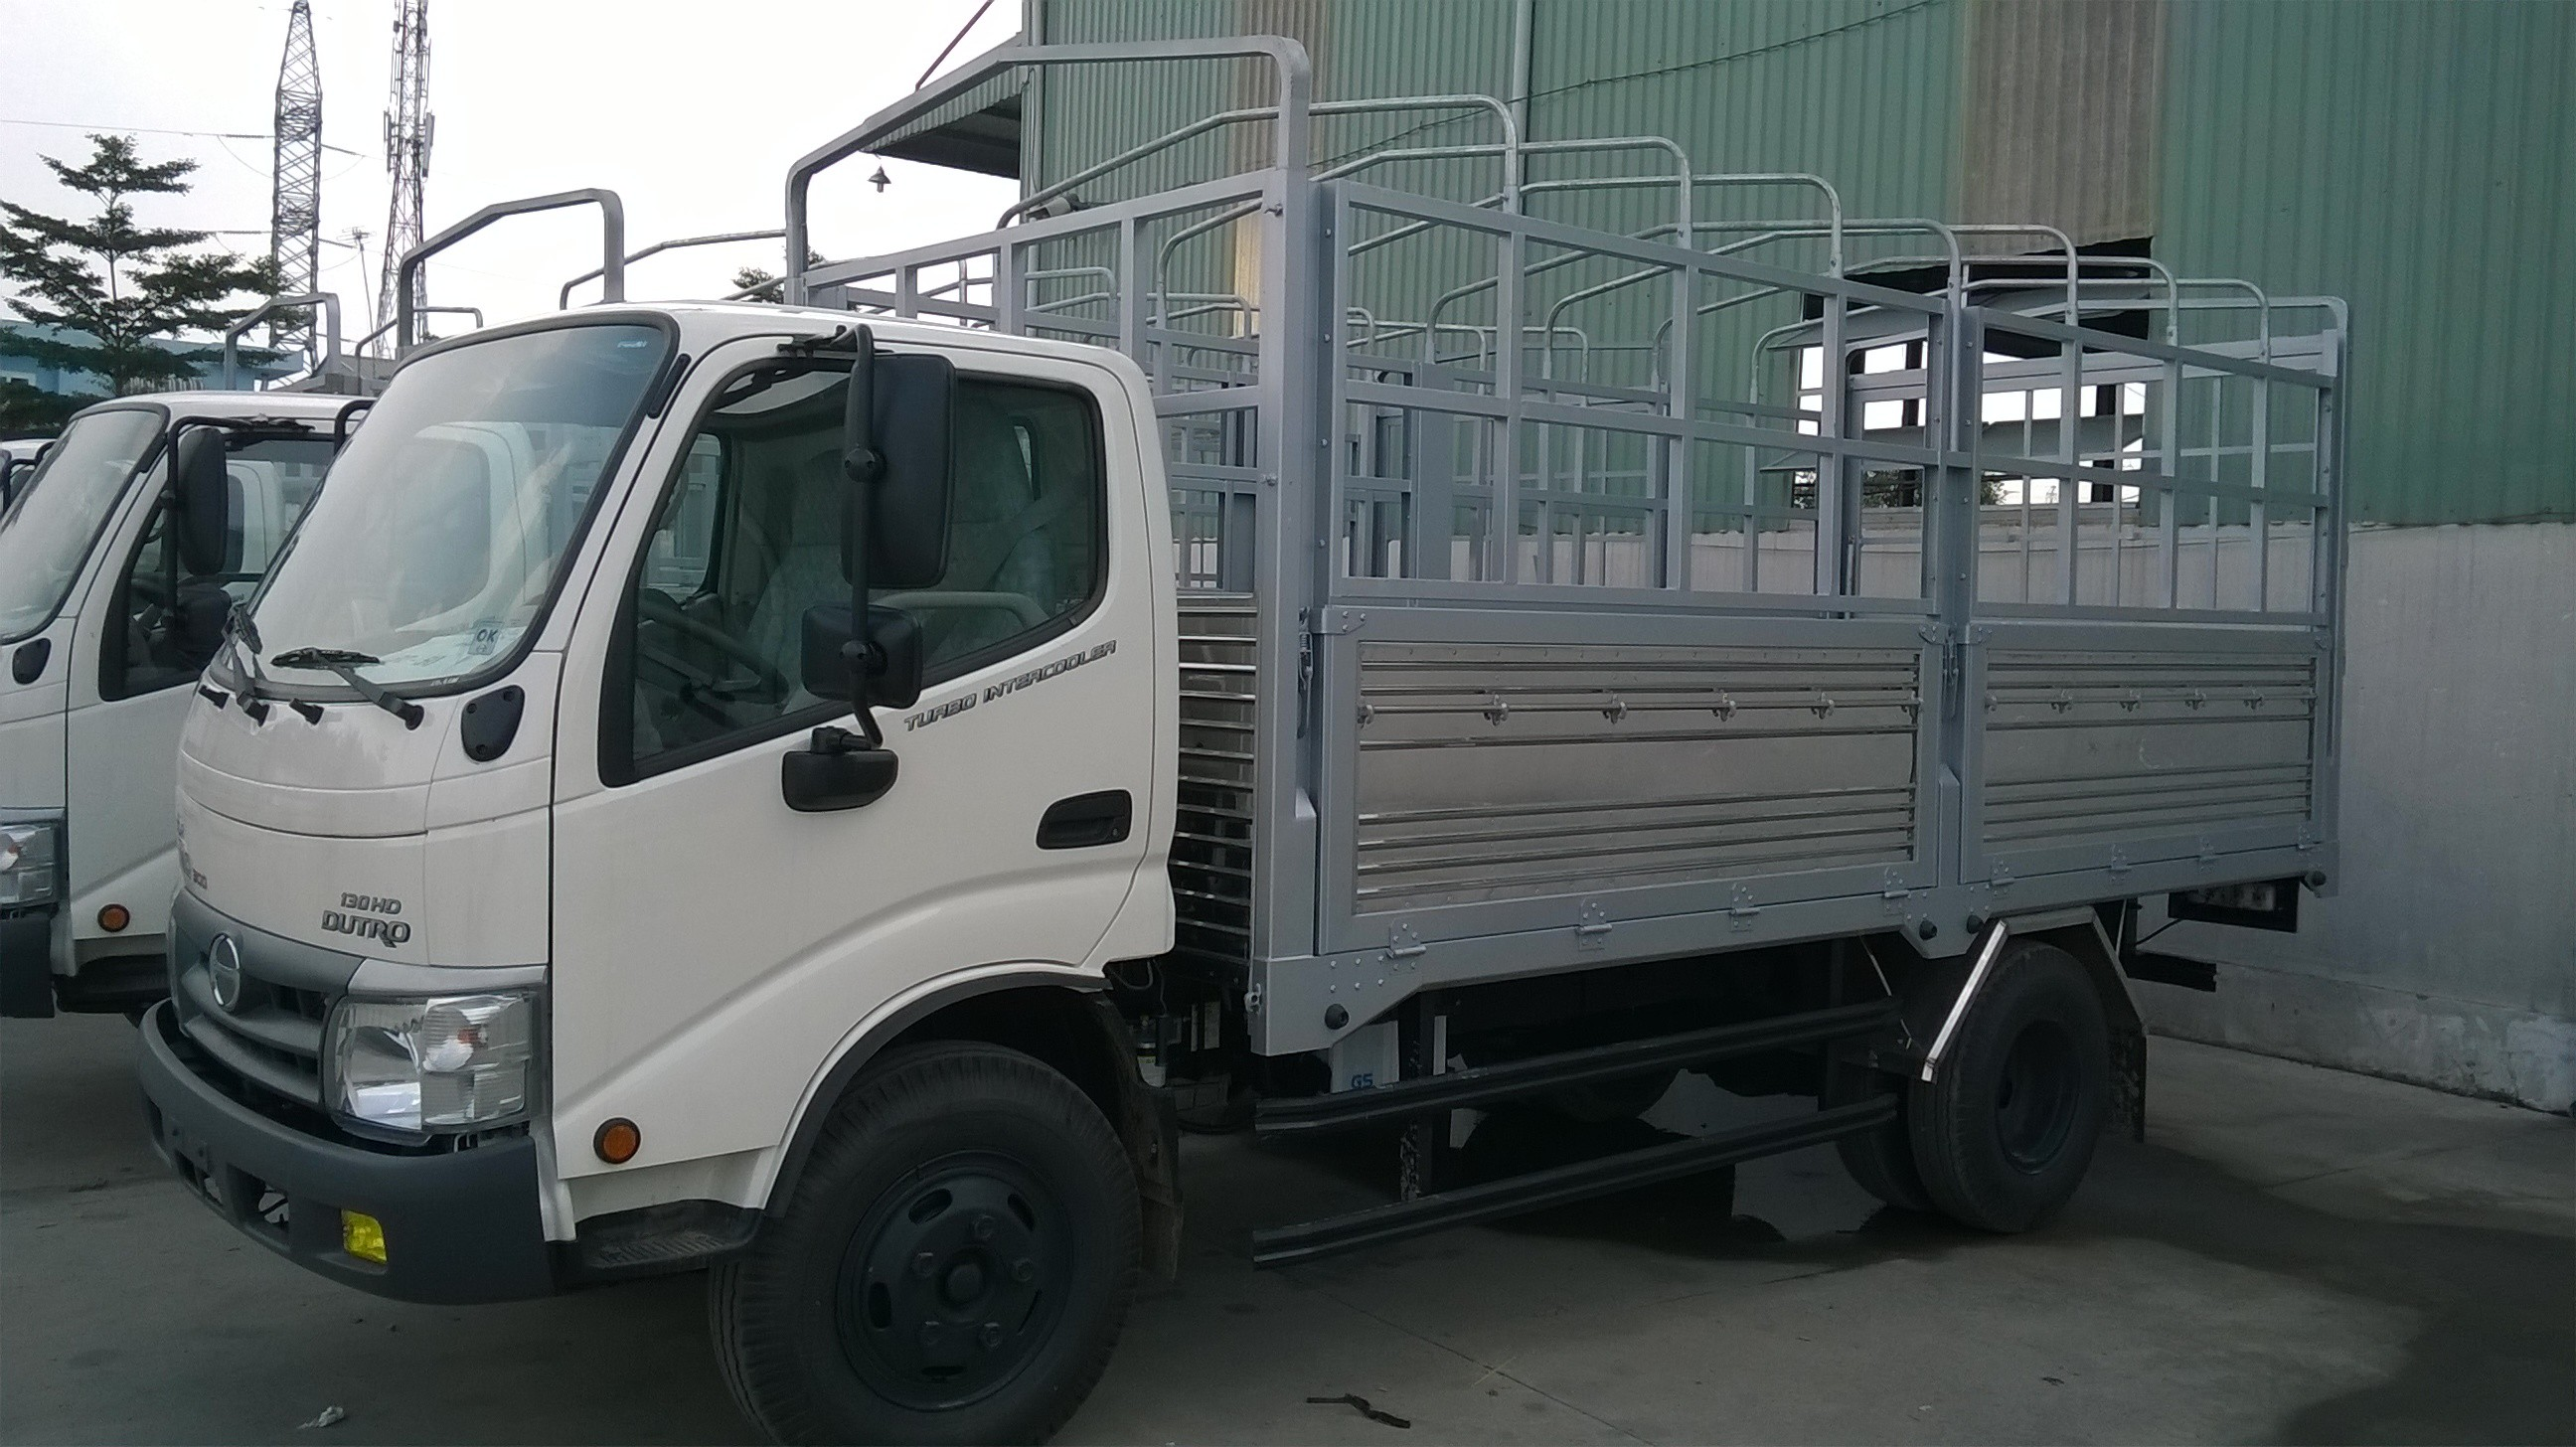 Bán xe tải HINO nhập khẩu 4,5 tấn 4.5t 4.5 tấn 4t5 trên là Hino 5,2 tấn 5t2 5.2 tấn 5,2t Model nhất năm 2016 Ảnh số 38592703